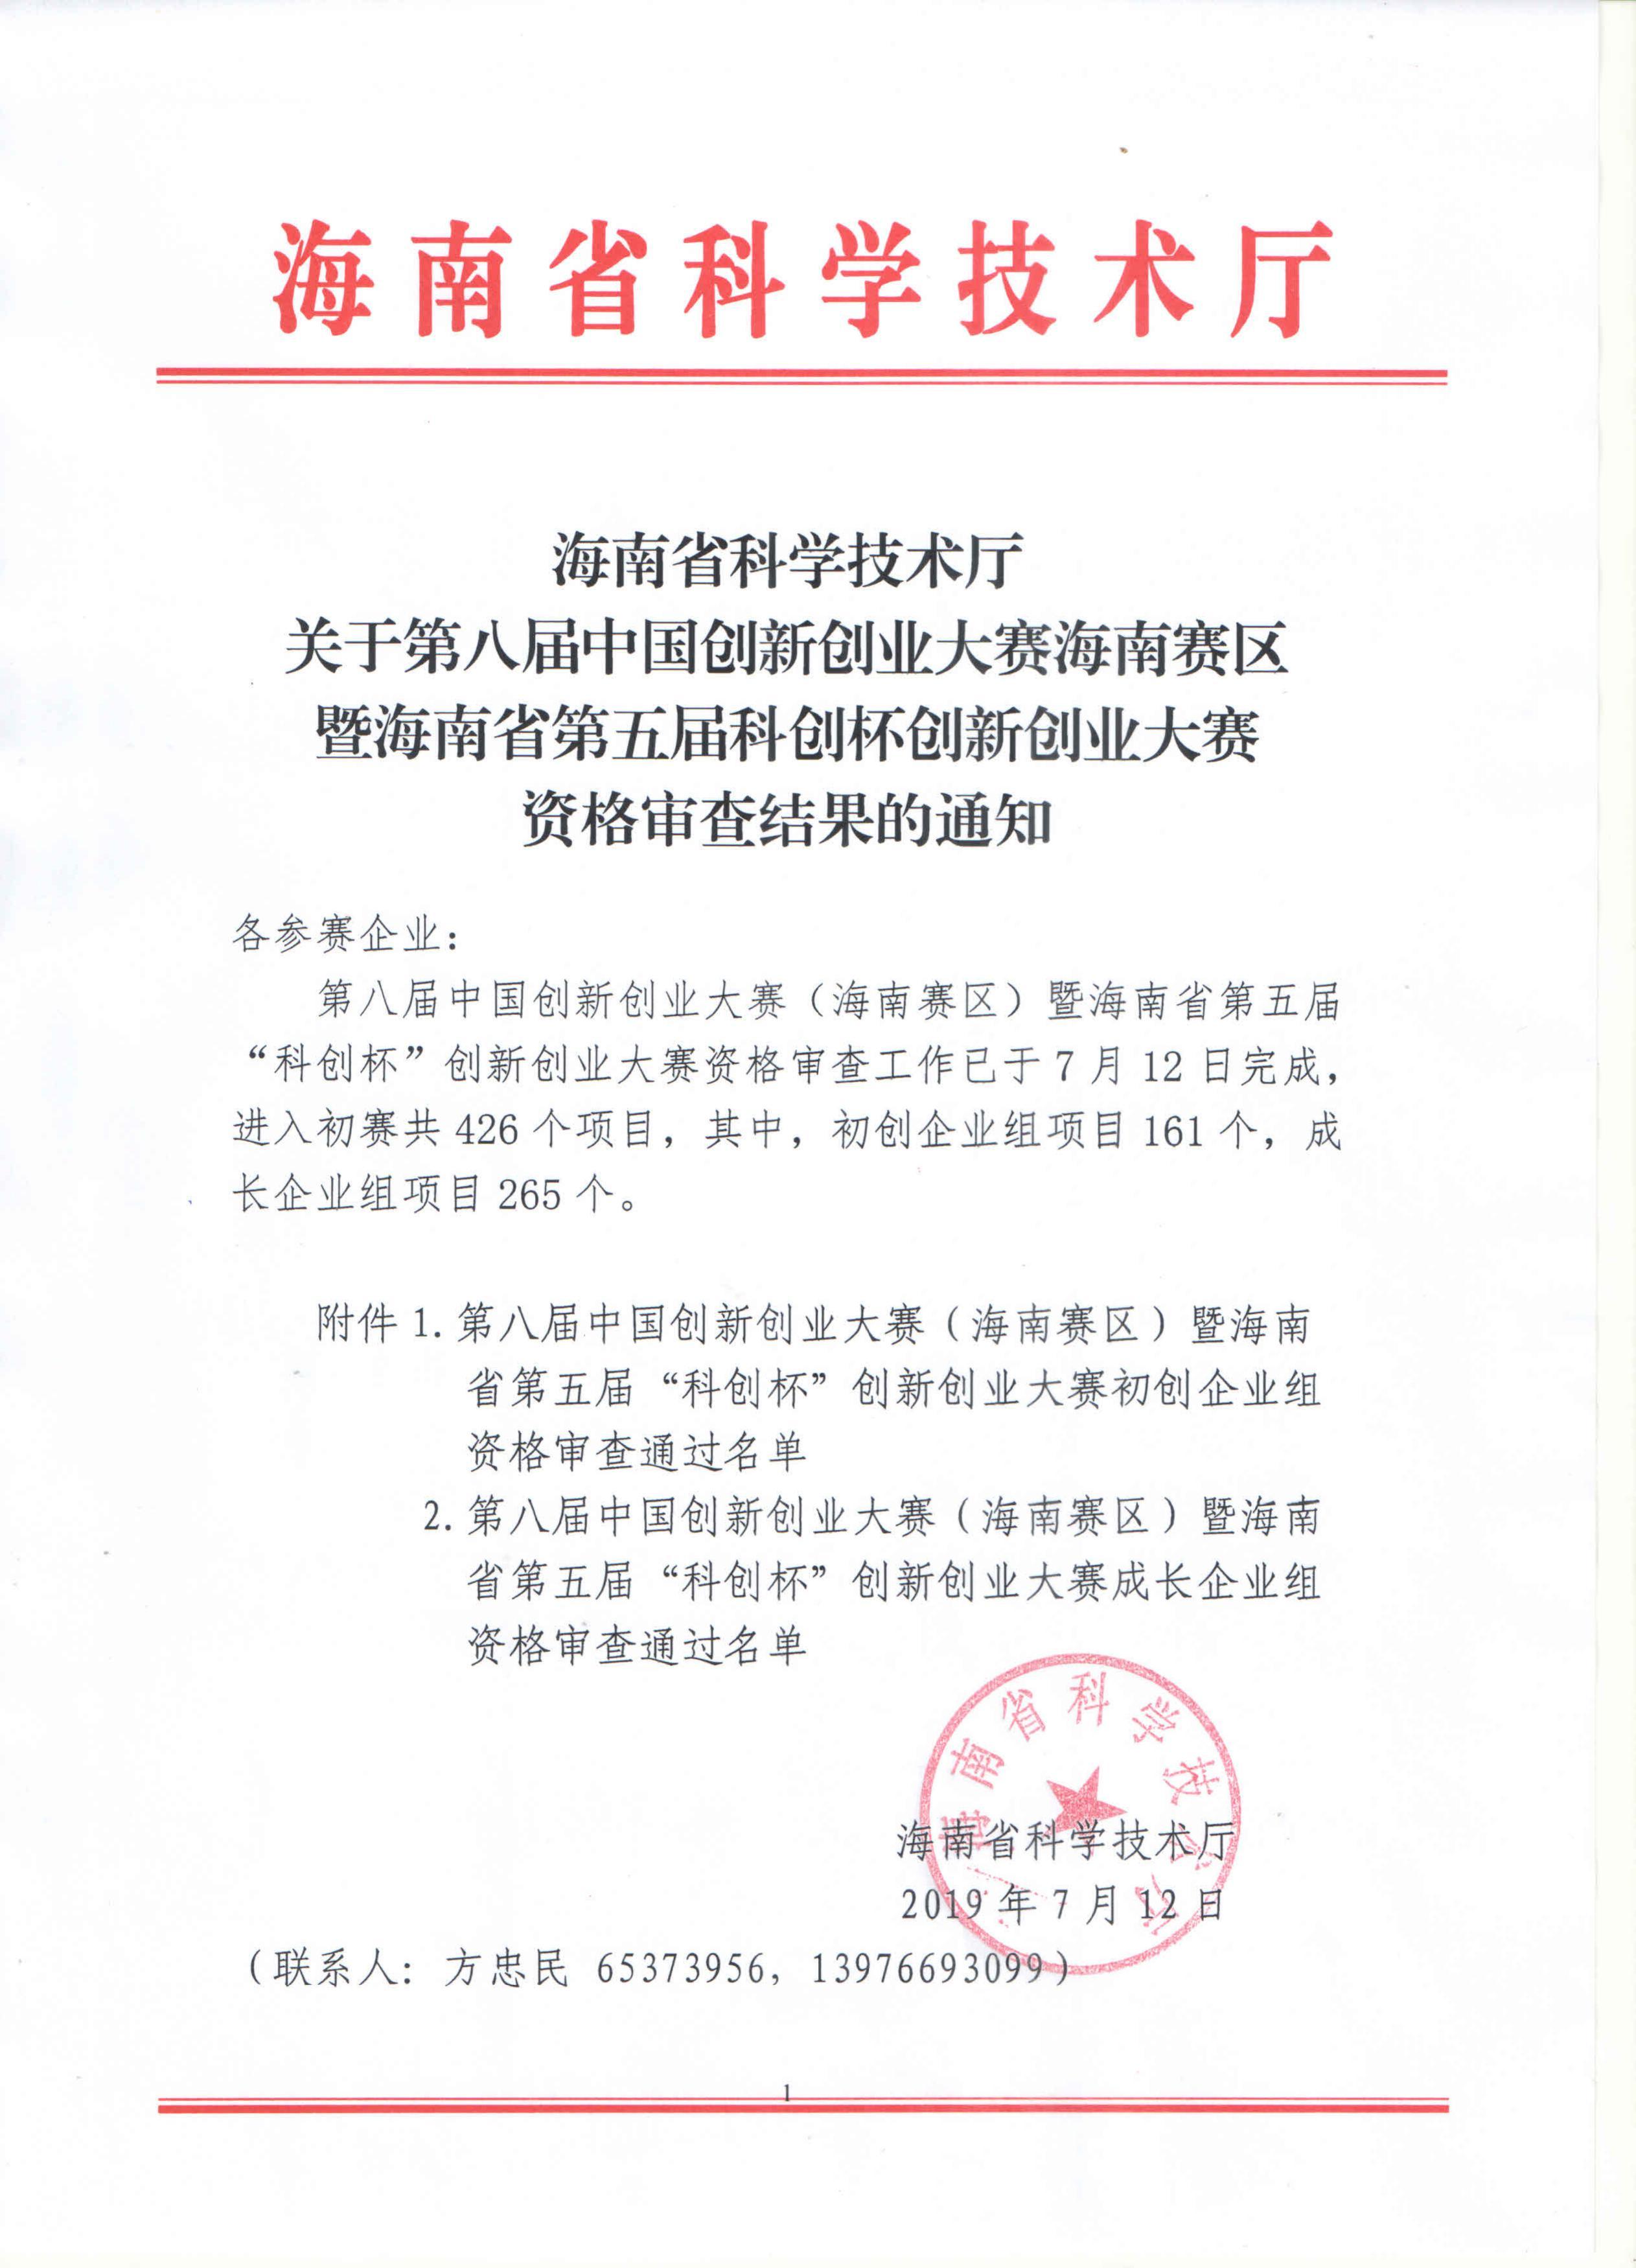 关于第八届中国创新创业大赛海南赛区暨海南省第五届科创杯创新创业大赛资格审查结果的通知